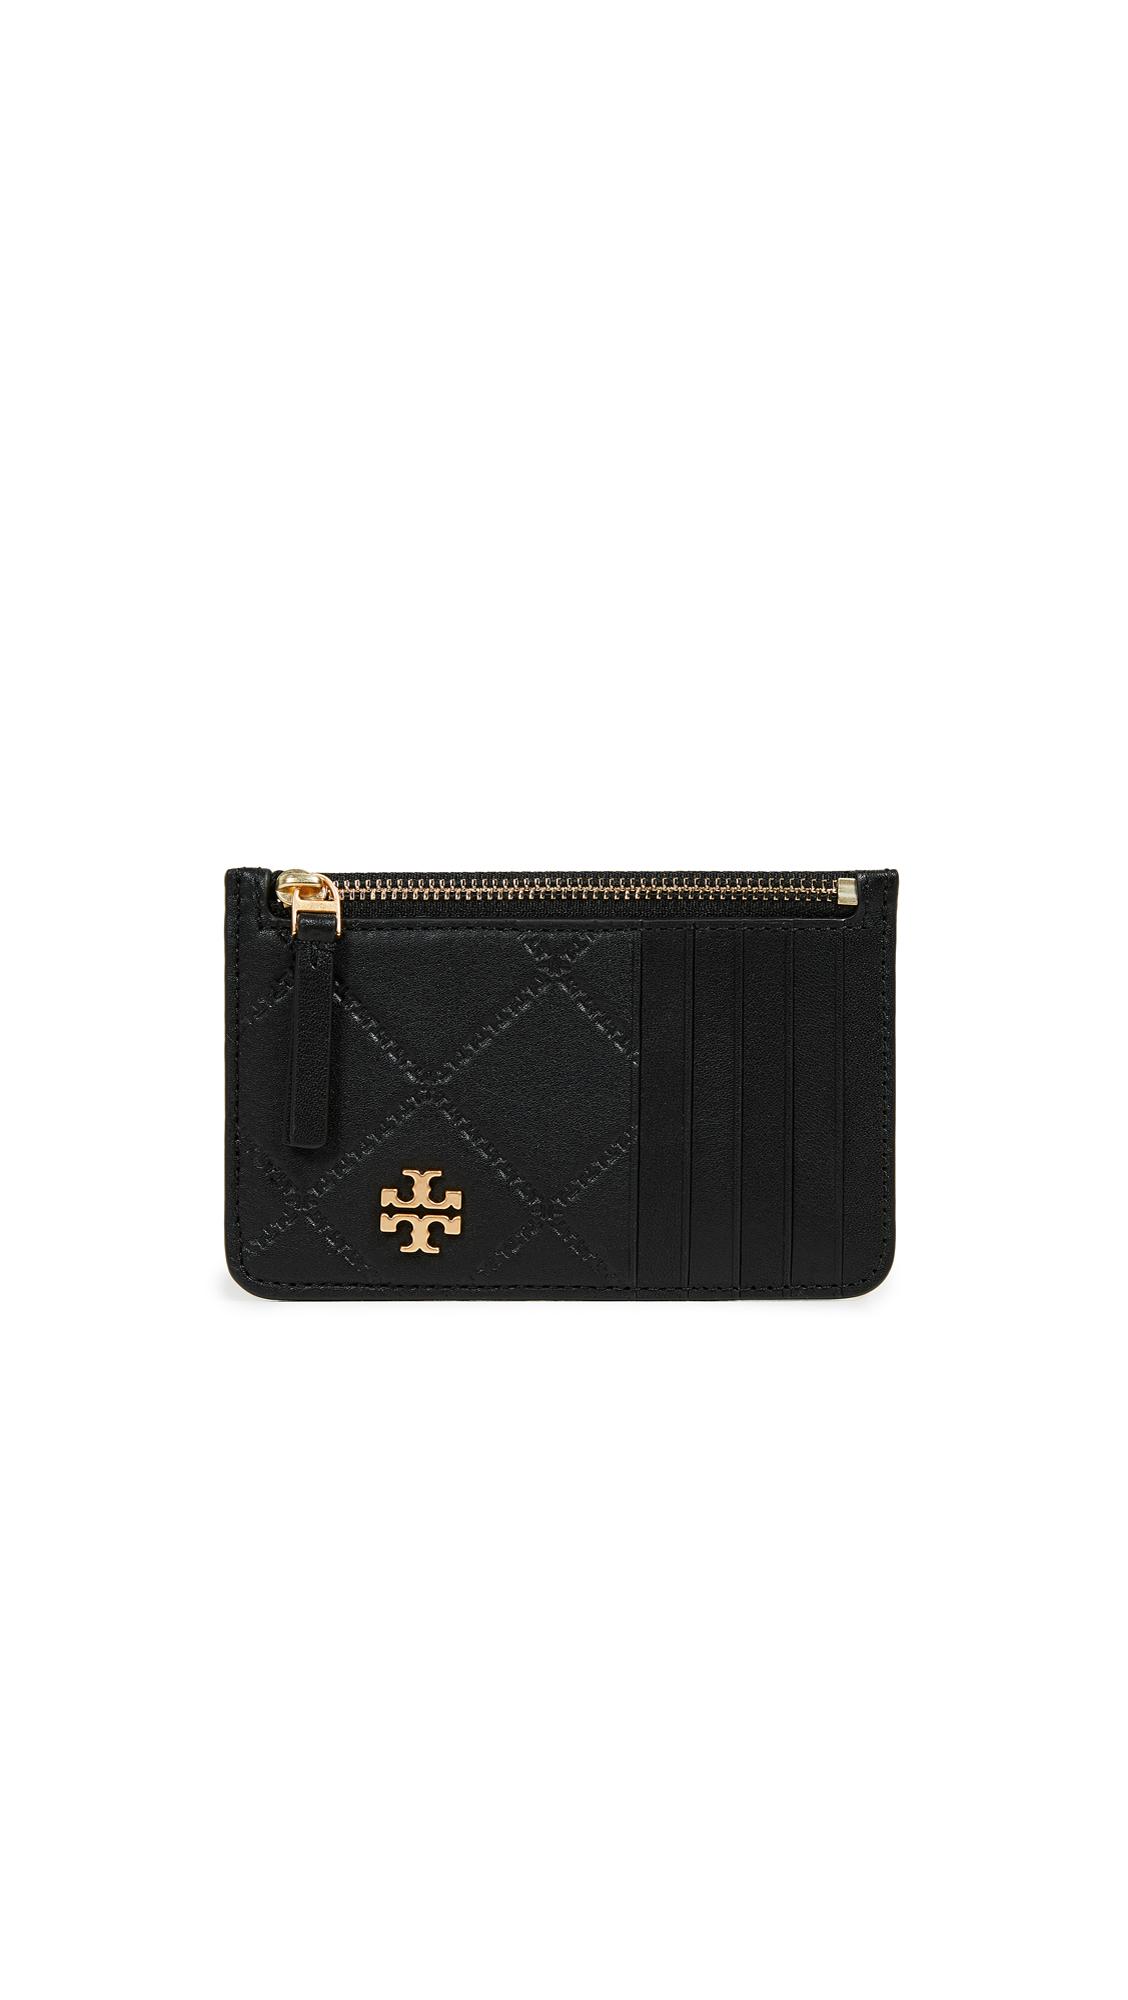 Georgia Zip Card Case, Black